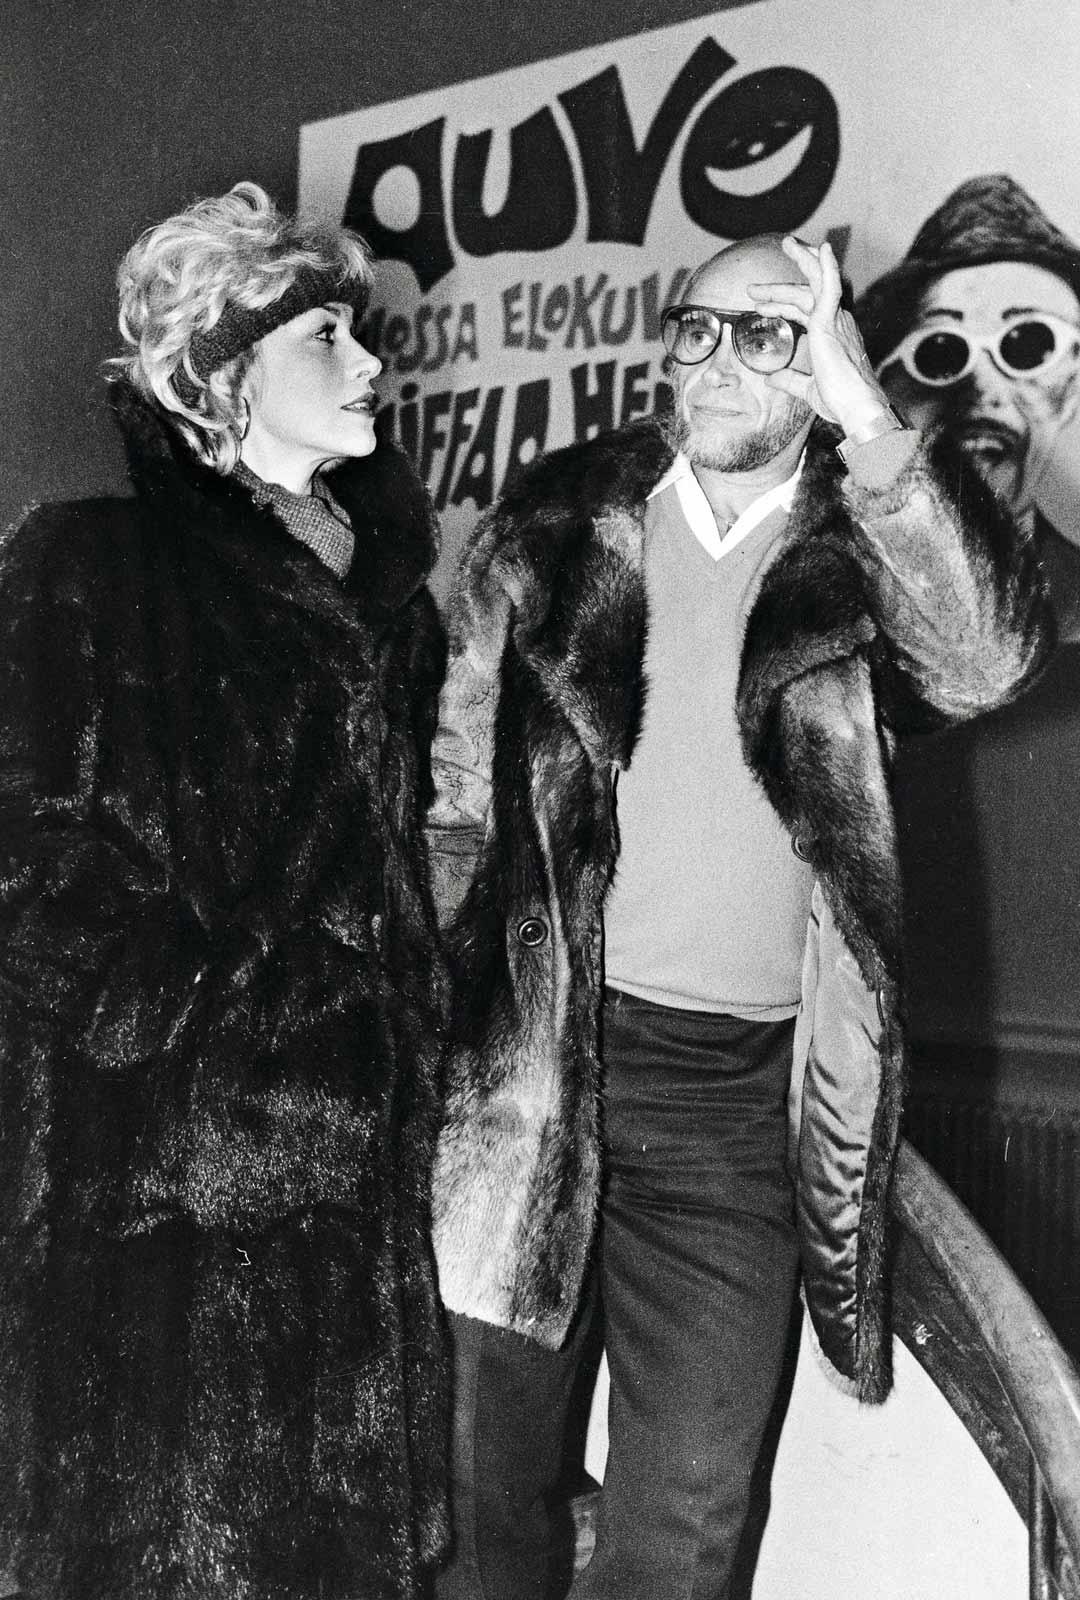 """Hannele oli vakionäyttelijä viihteen monitoimimies Pertti """"Spede"""" Pasasen elokuvissa ja tv-ohjelmissa. Vuonna 1985 ensi-iltansa sai elokuva Kliffaa hei."""